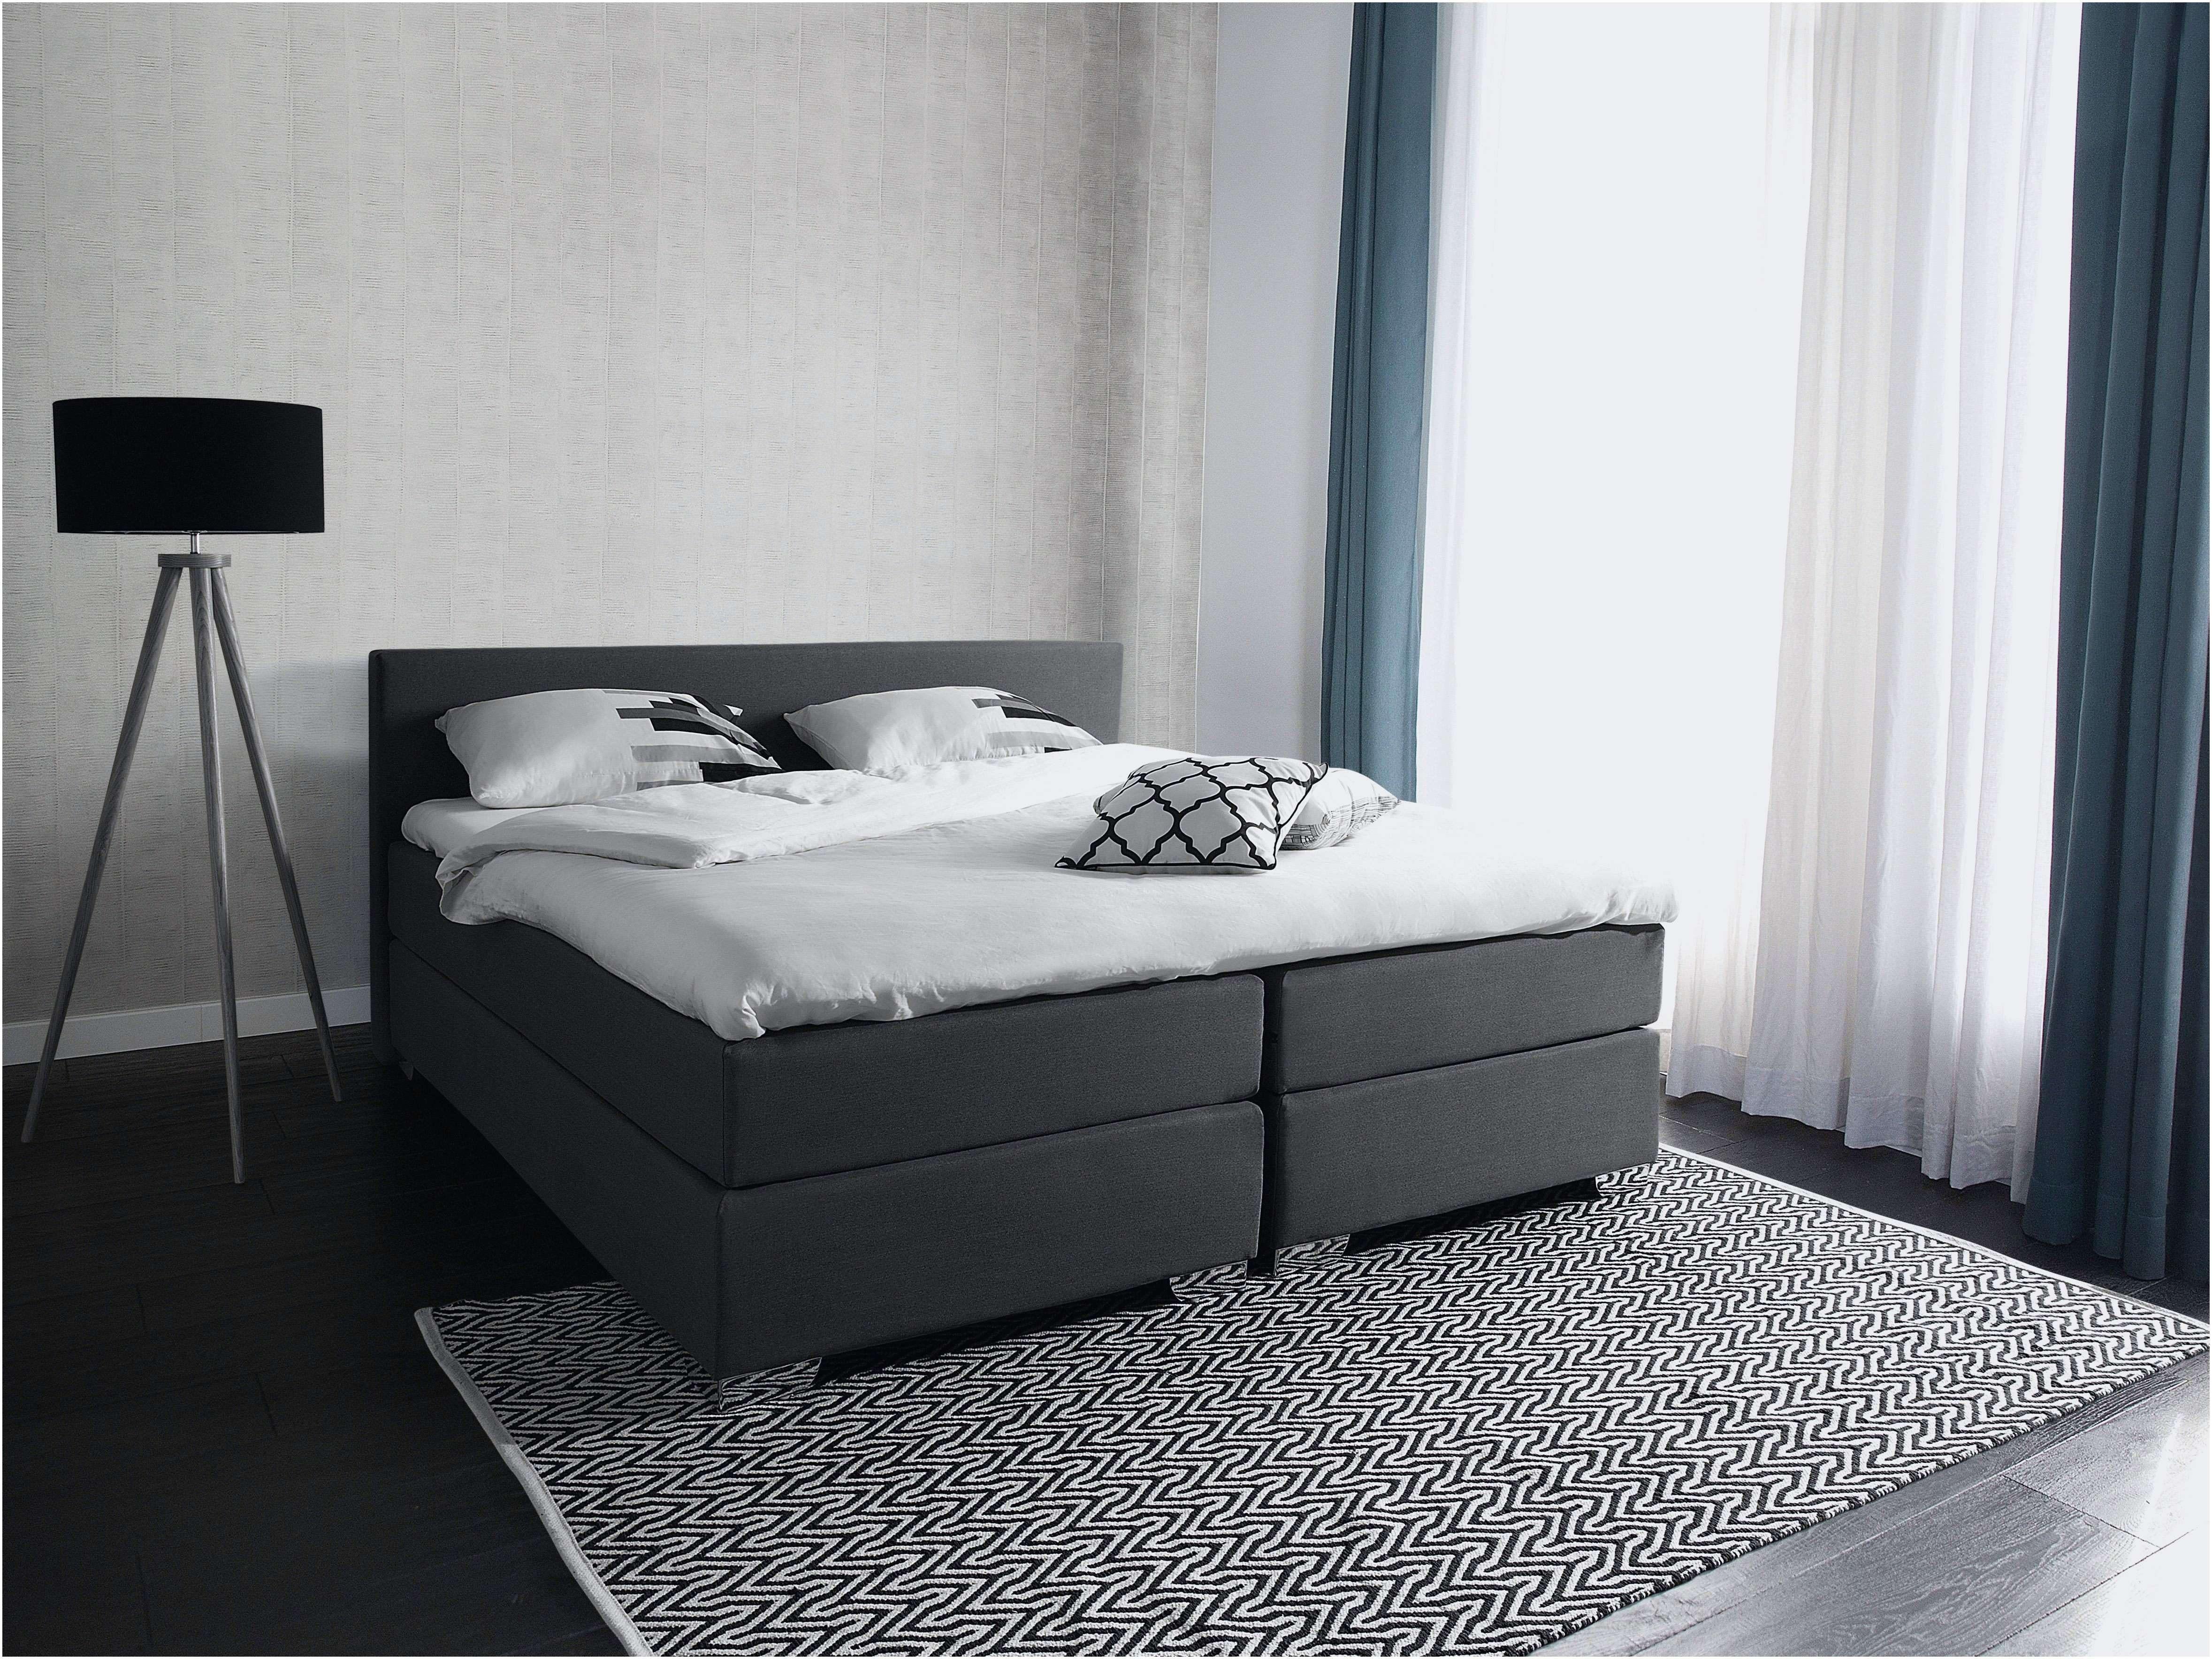 Nouveau Lit De 140 Luxe Lit Conforama 140—190 Inspirant sommier